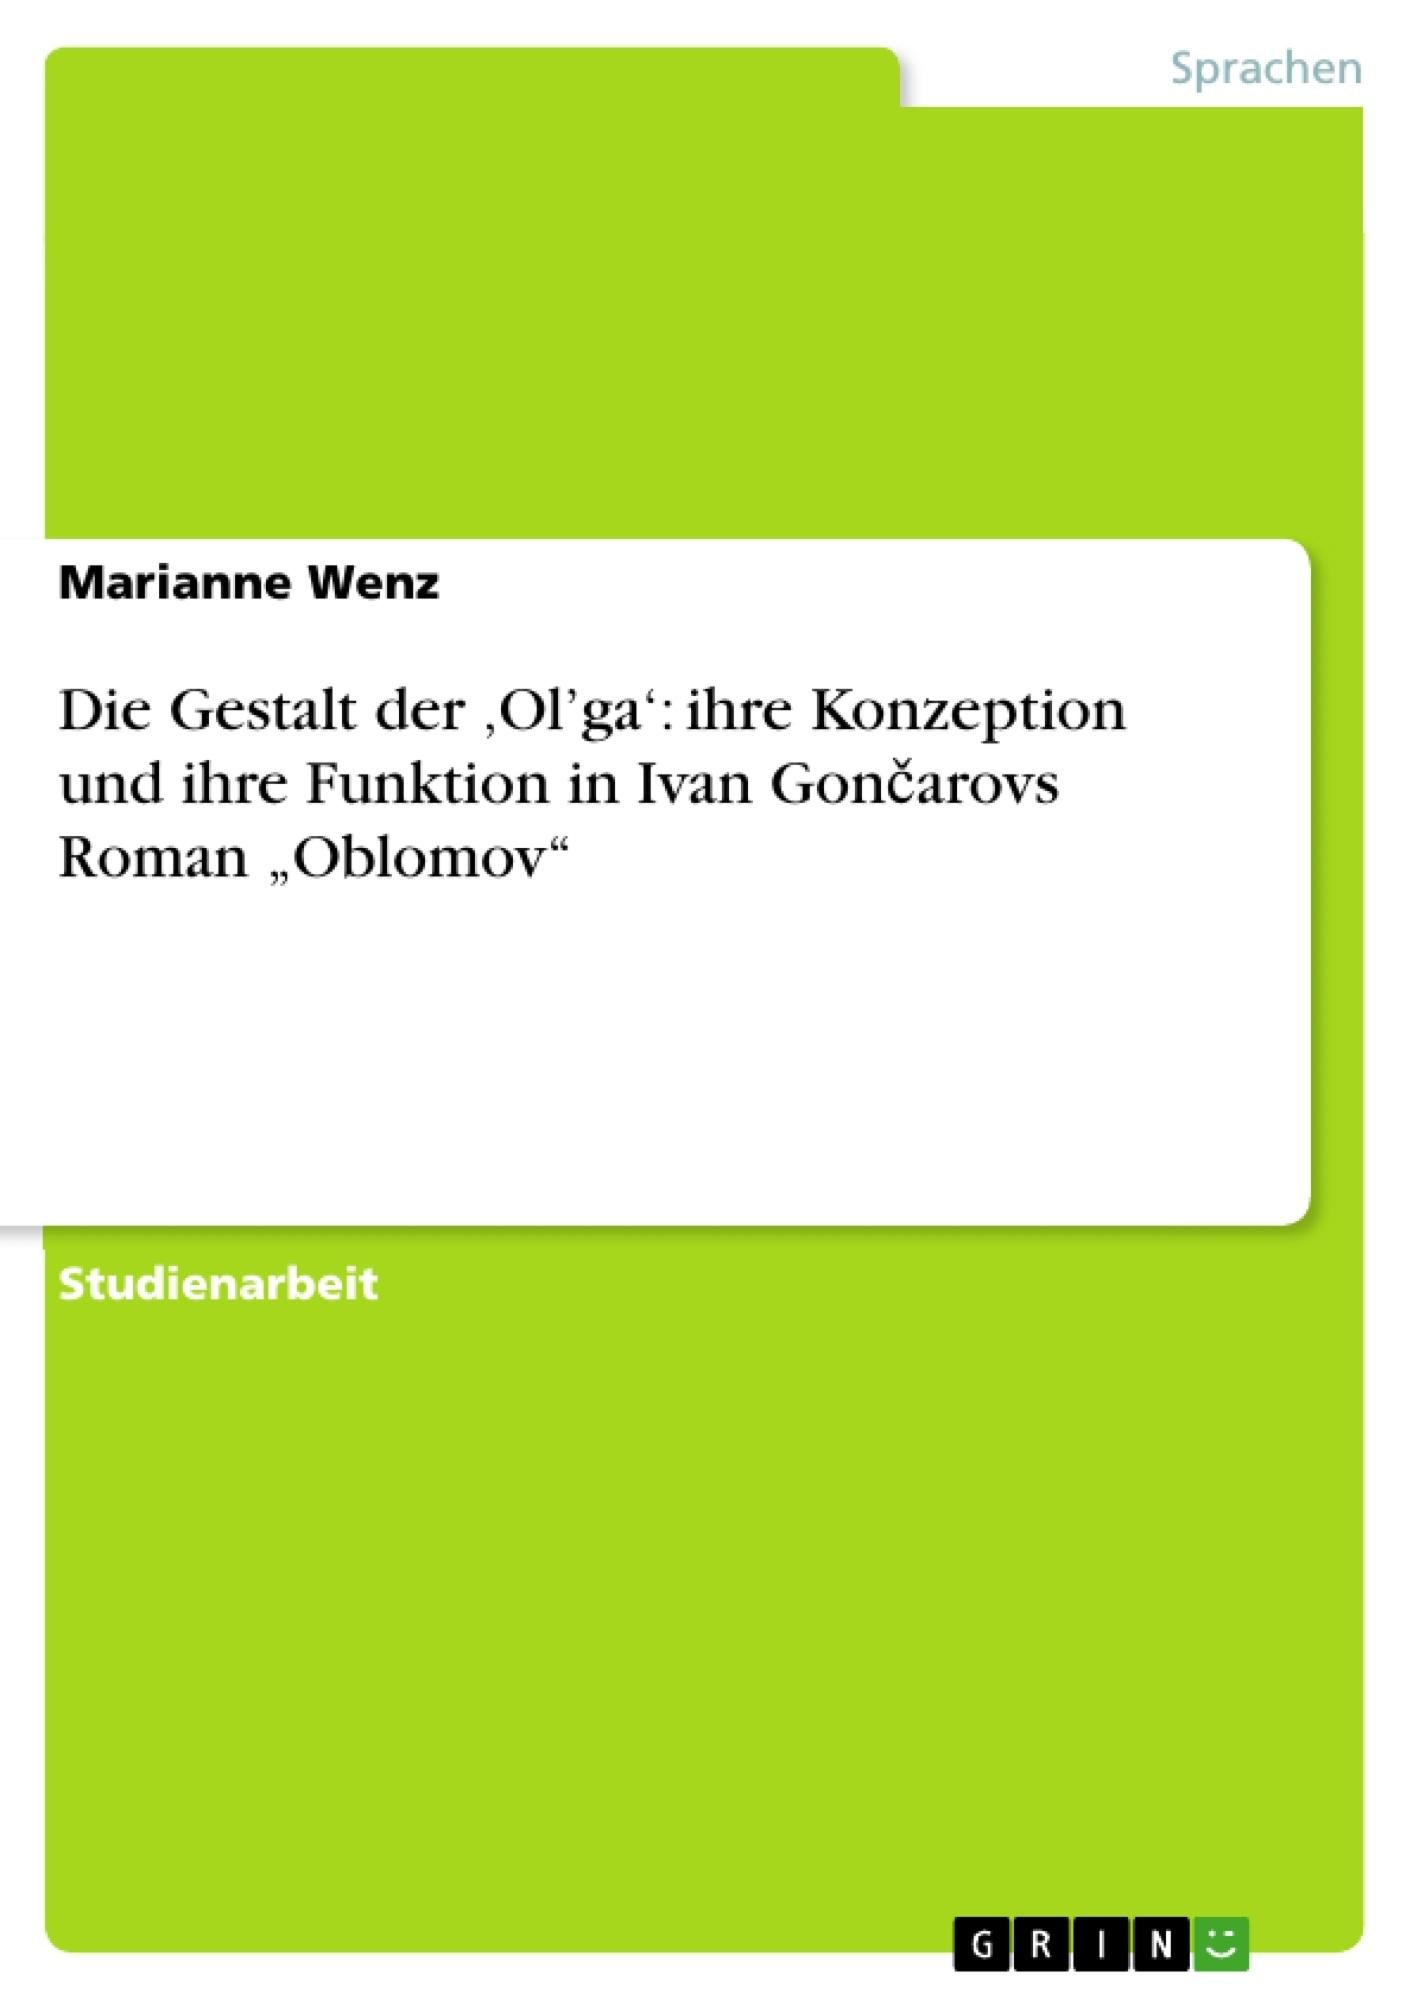 """Titel: Die Gestalt der 'Ol'ga': ihre Konzeption und ihre Funktion in Ivan Gončarovs  Roman """"Oblomov"""""""